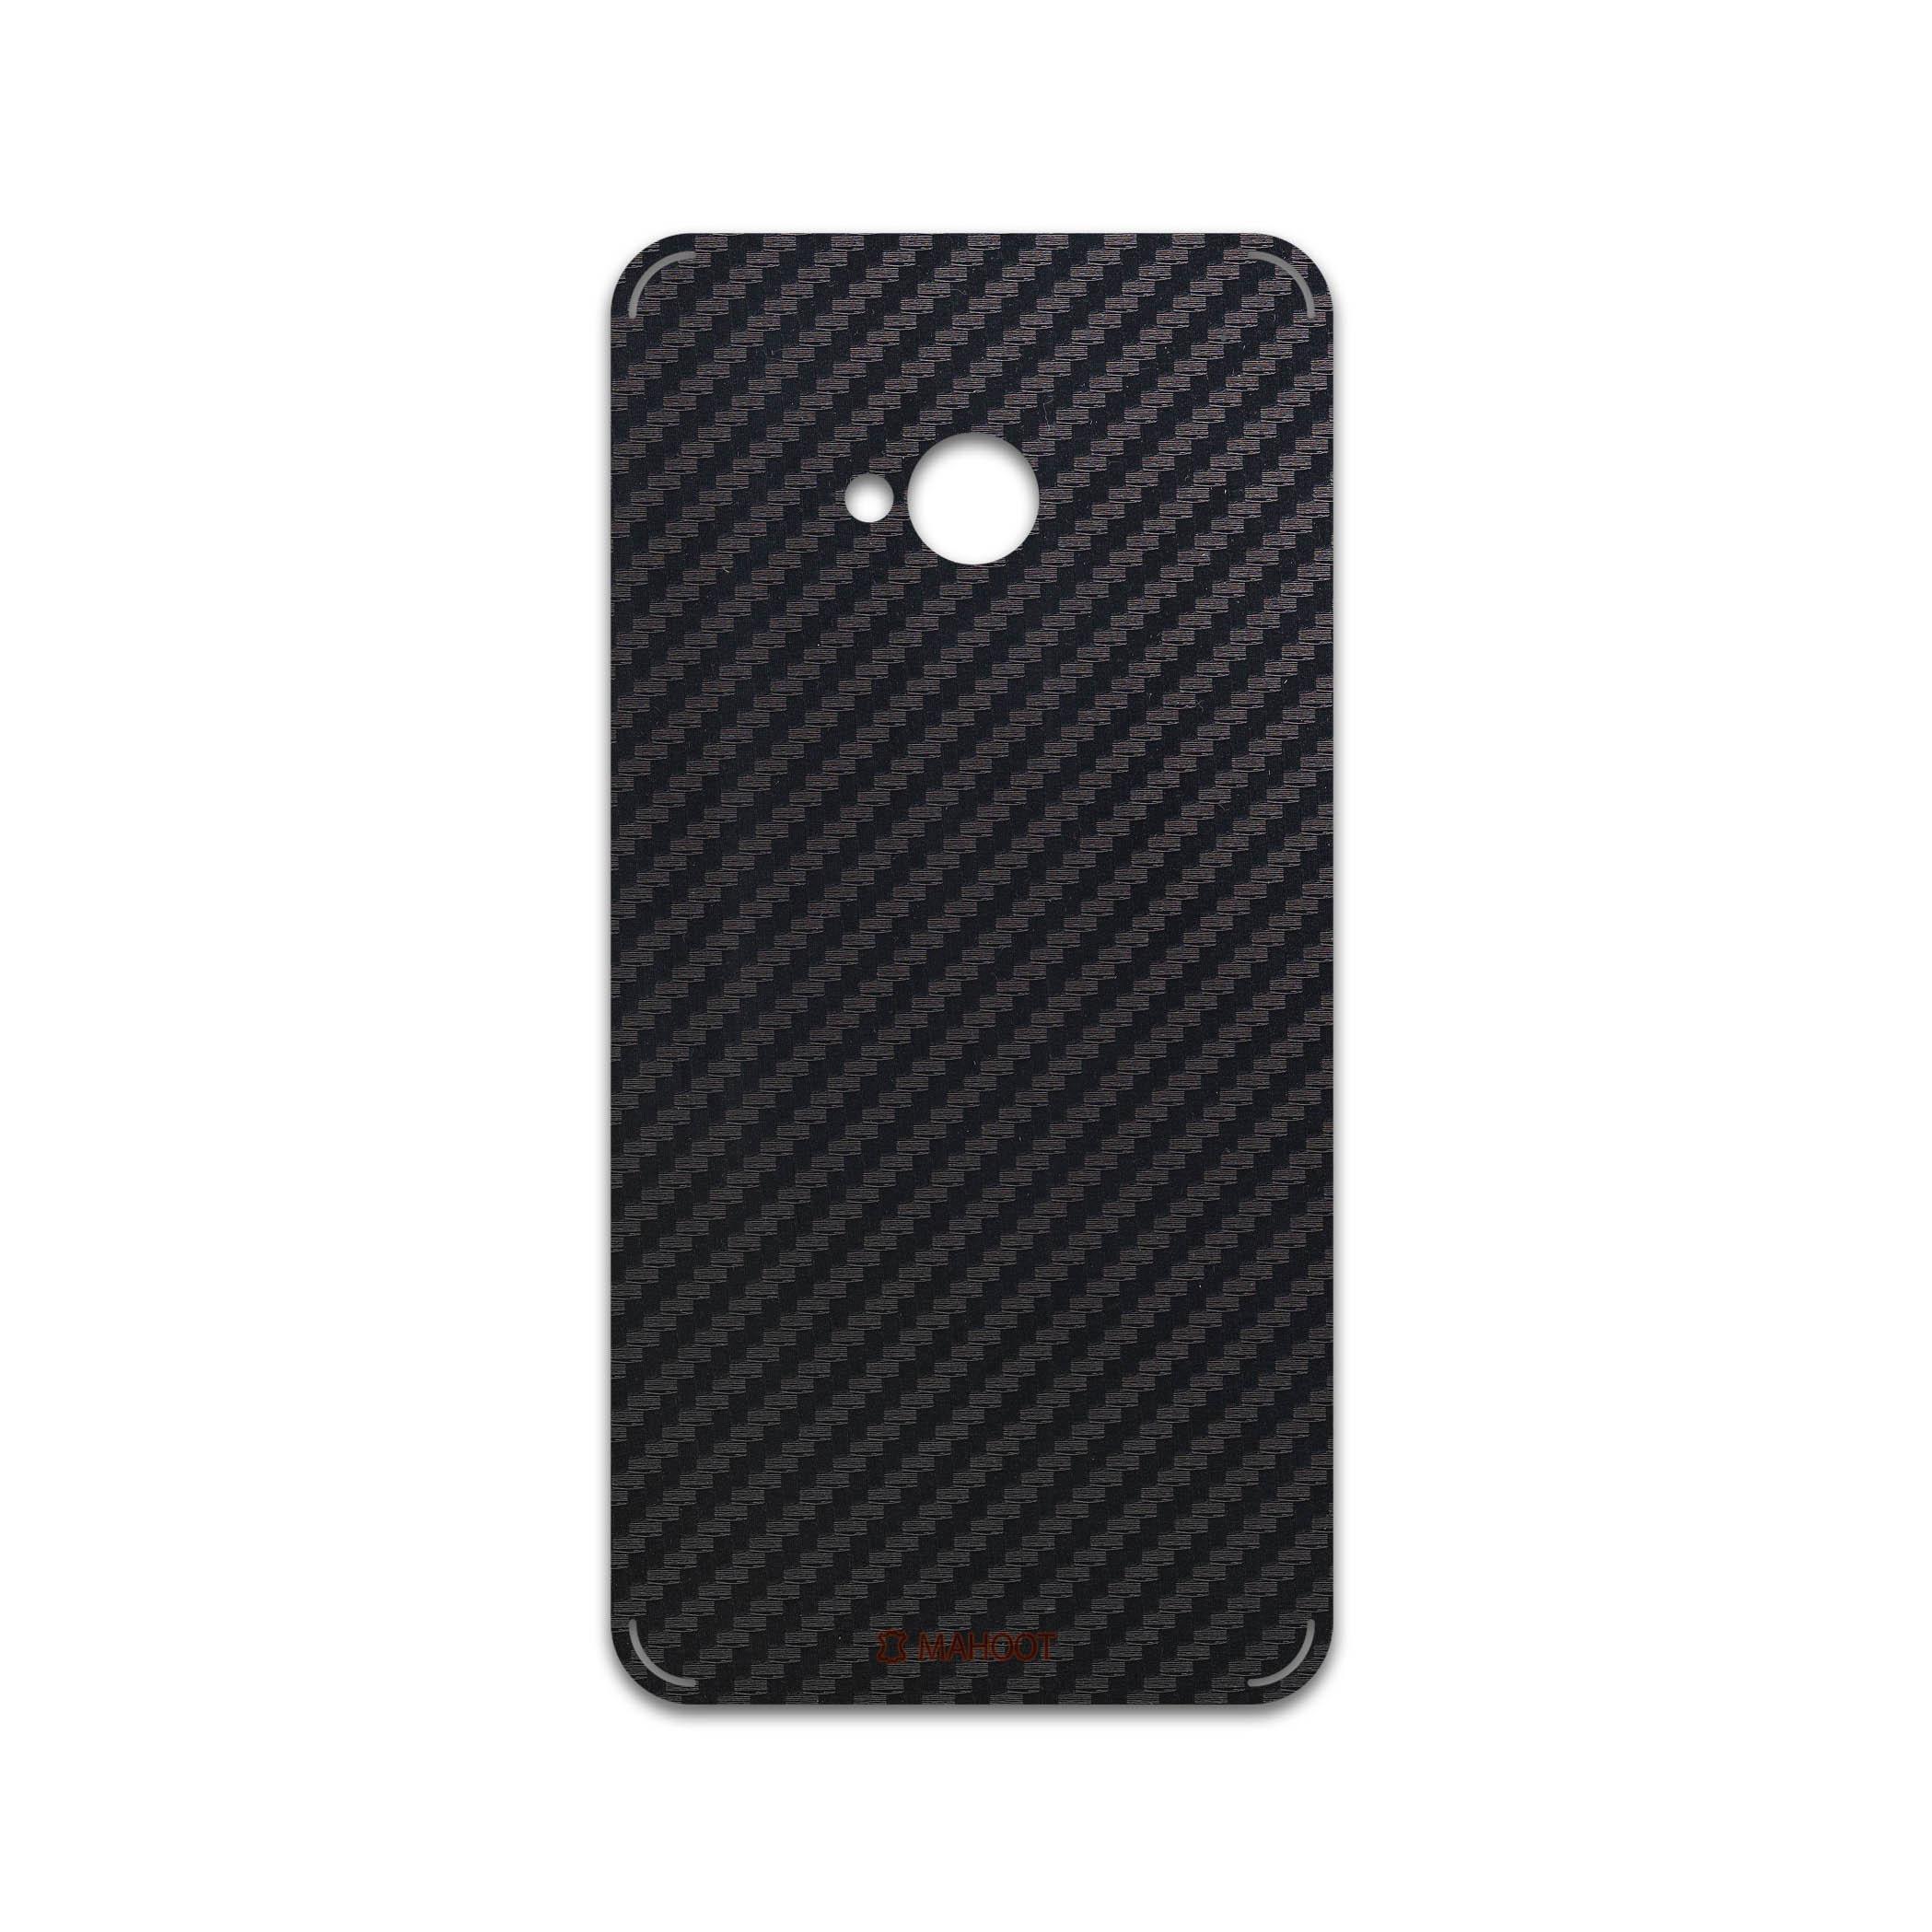 برچسب پوششی ماهوت مدل Carbon-Fiber مناسب برای گوشی موبایل اچ تی سی One